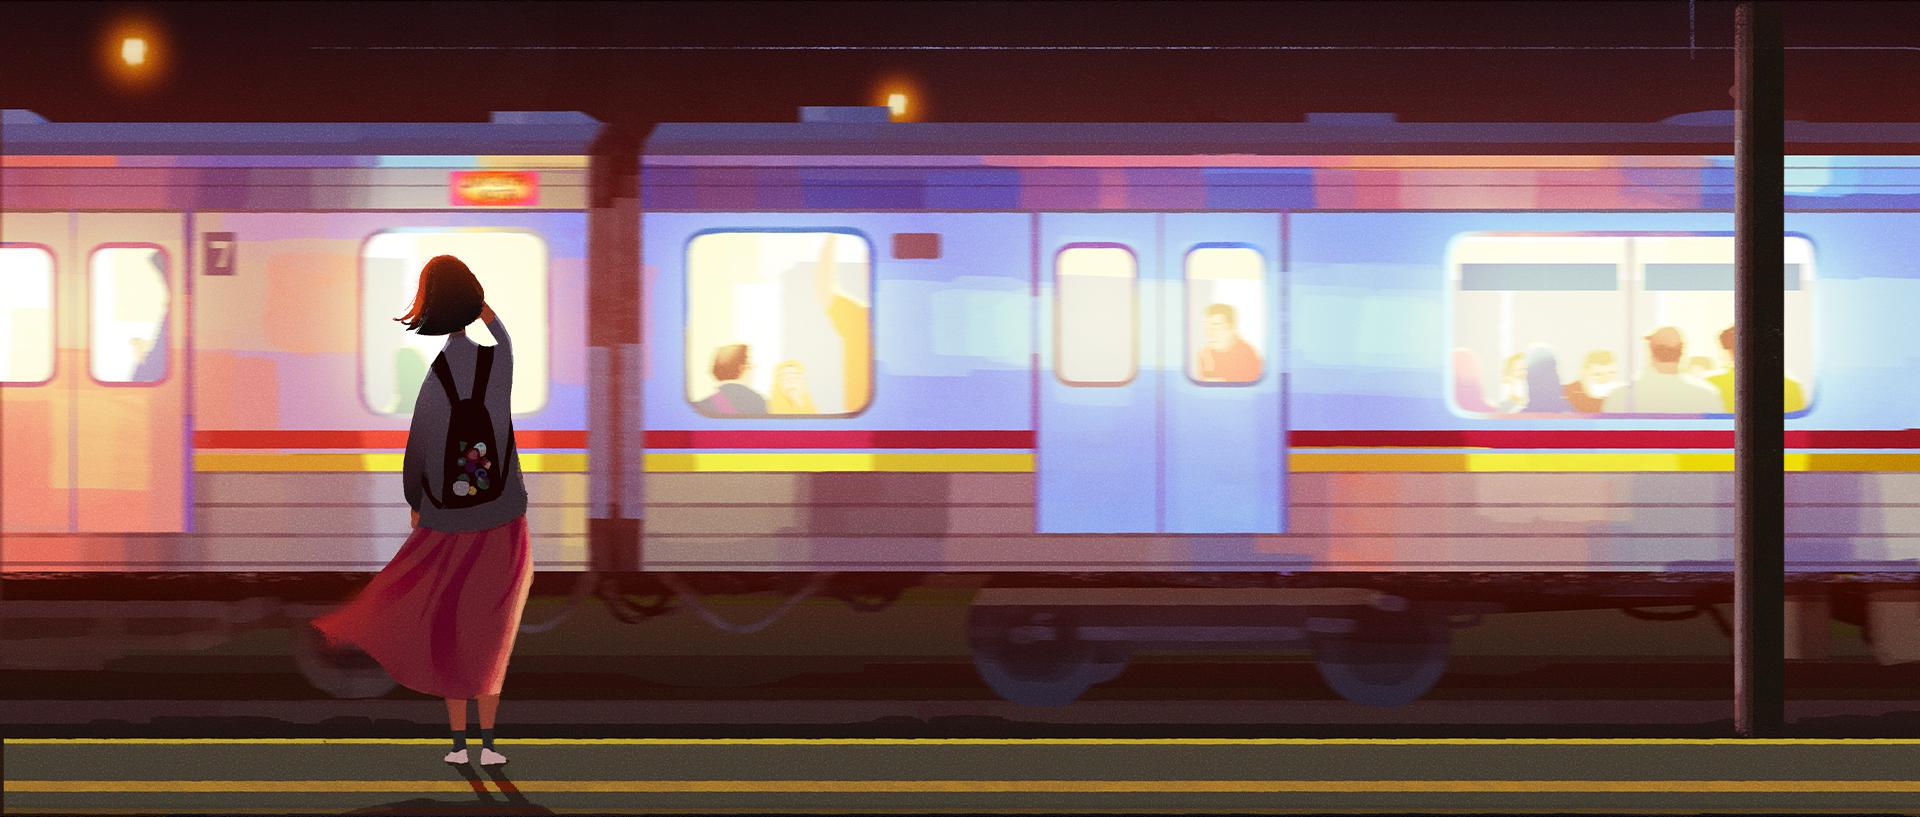 Train_passby.jpg